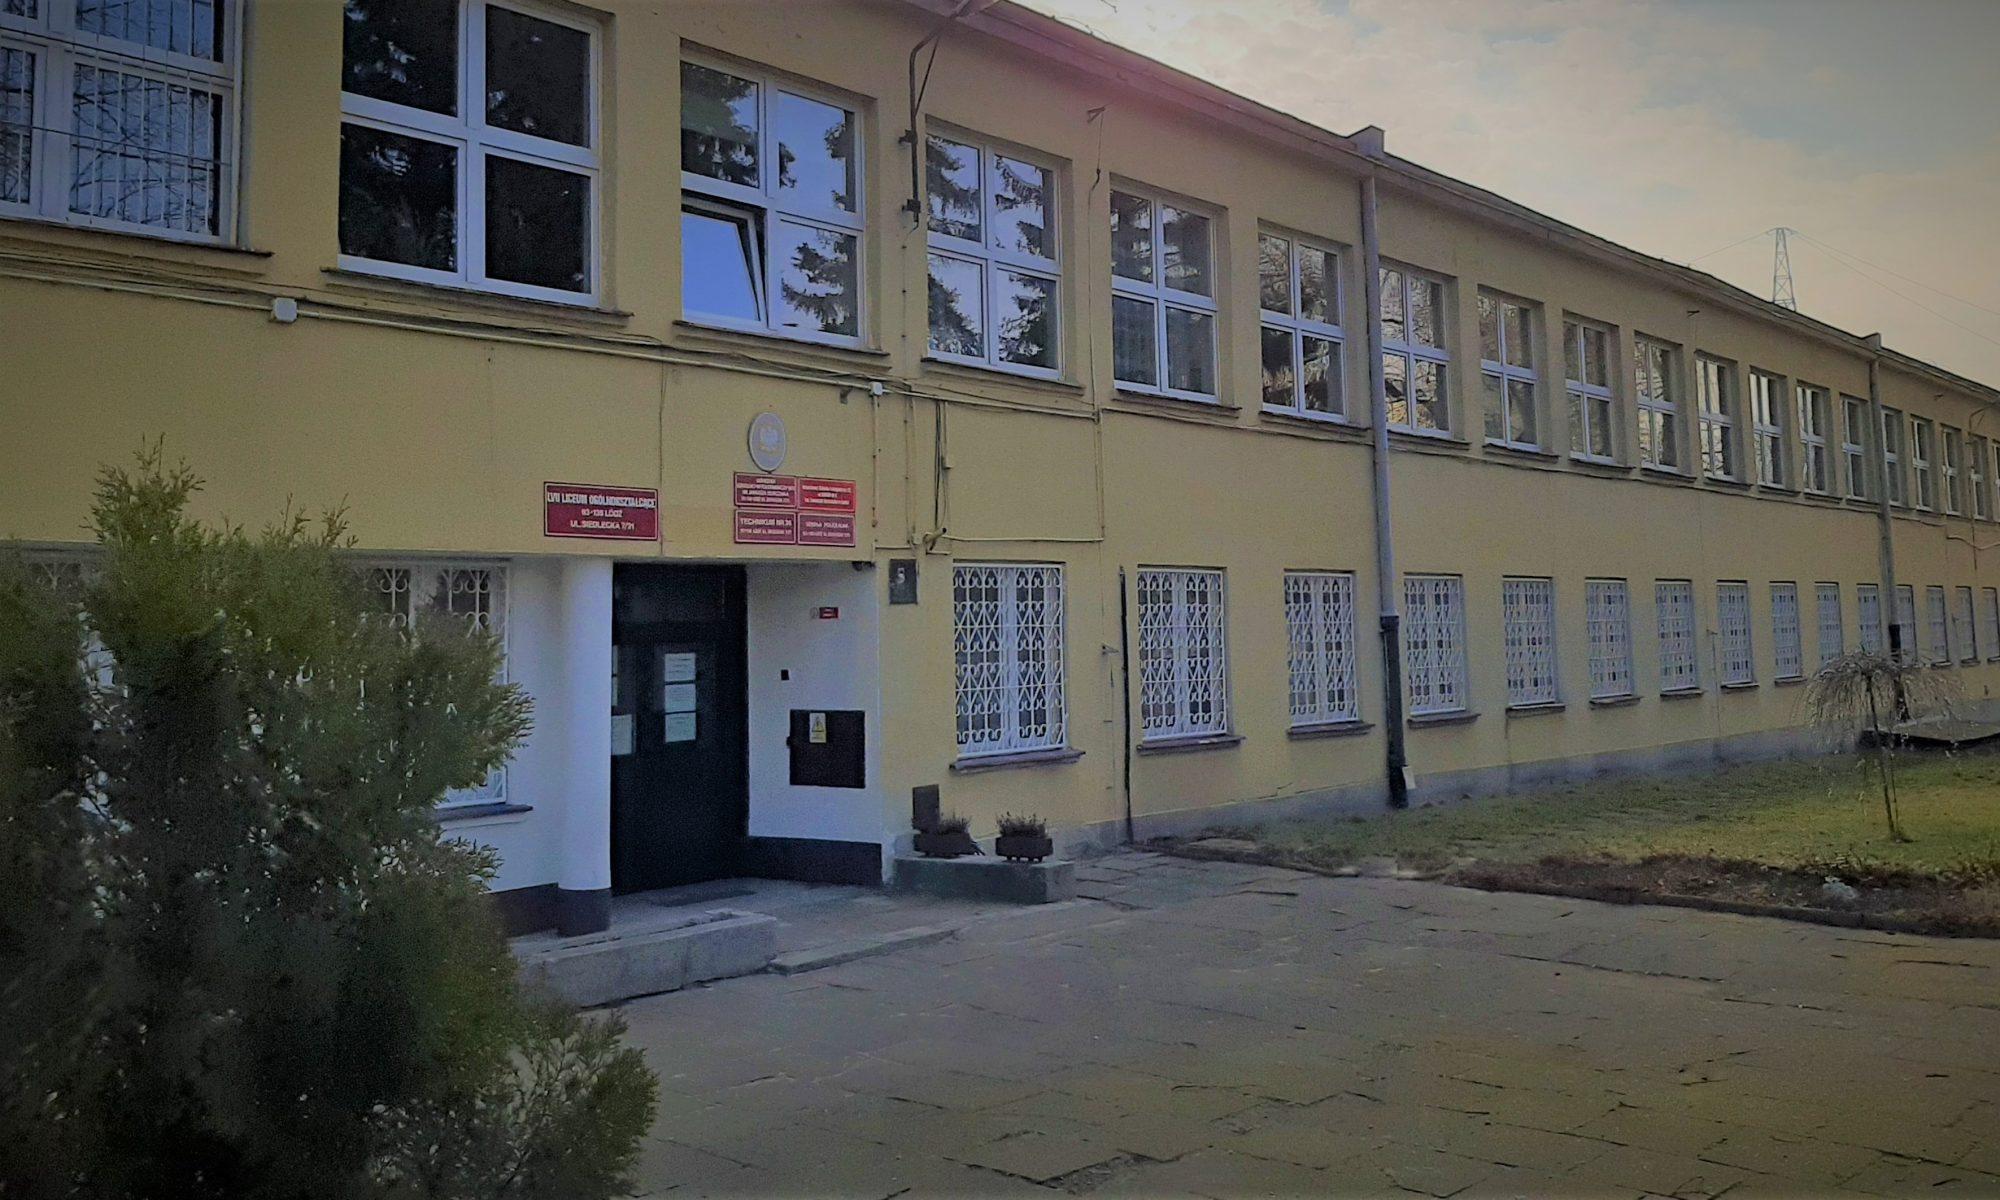 Specjalny Ośrodek Szkolno-Wychowawczy Nr 1 w Łodzi